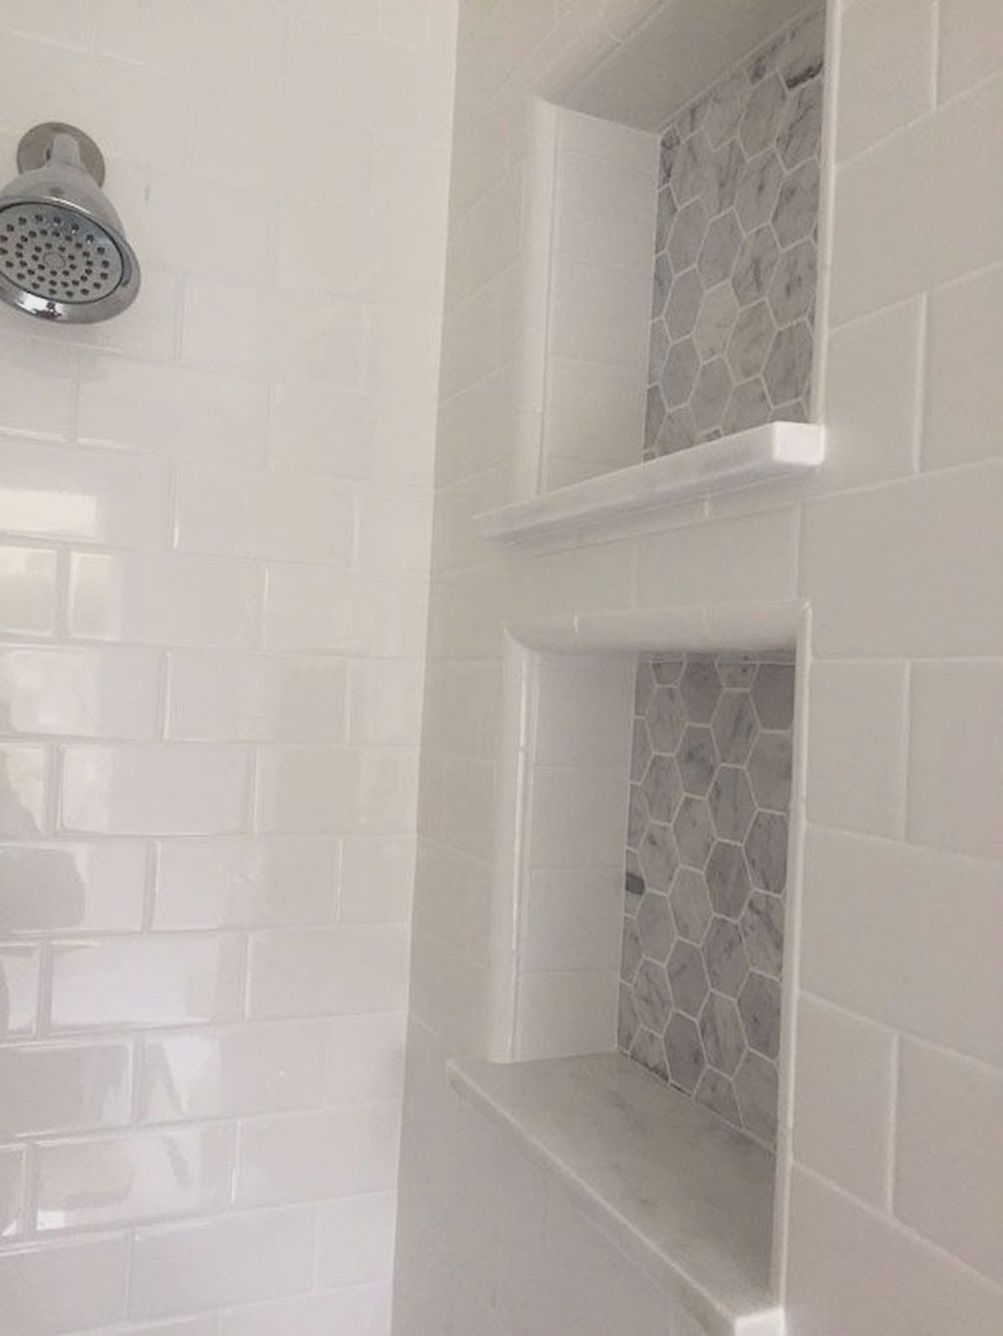 redoing bathroom floor bathroomremodeling  House ideas